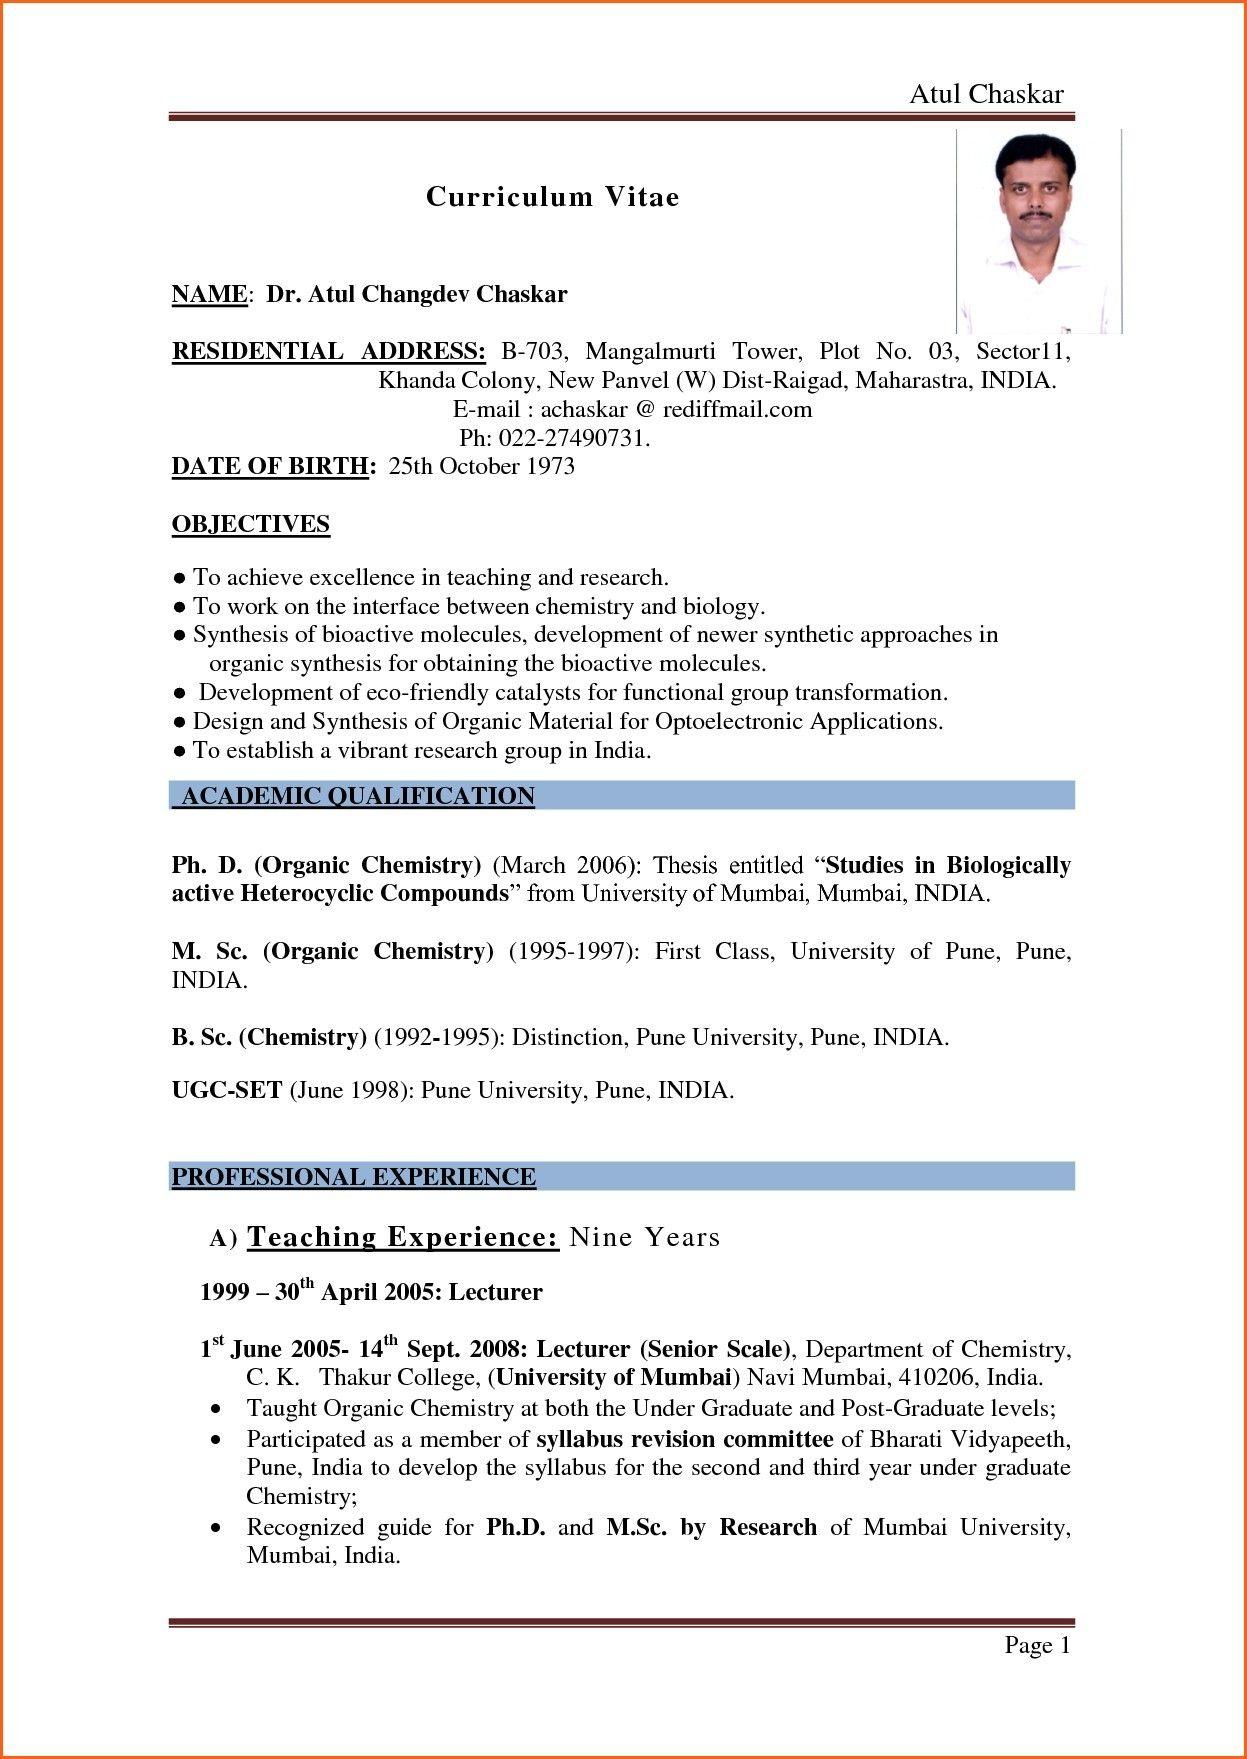 Professional Resume Builder India